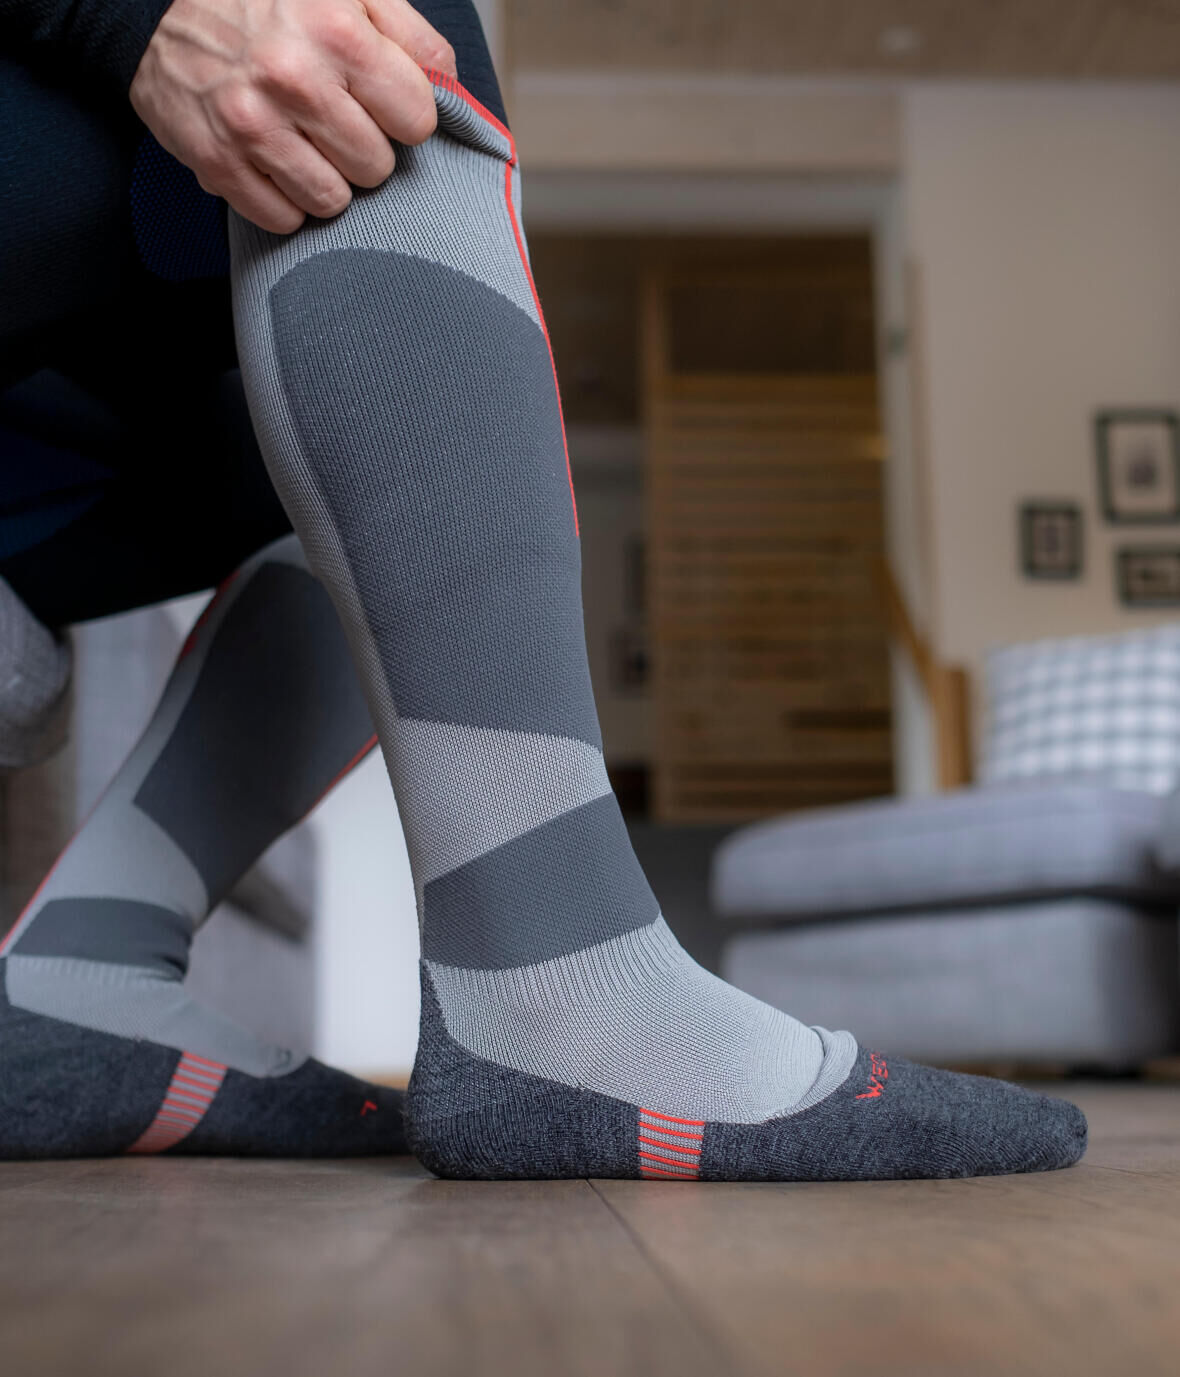 chaussettes de ski importance